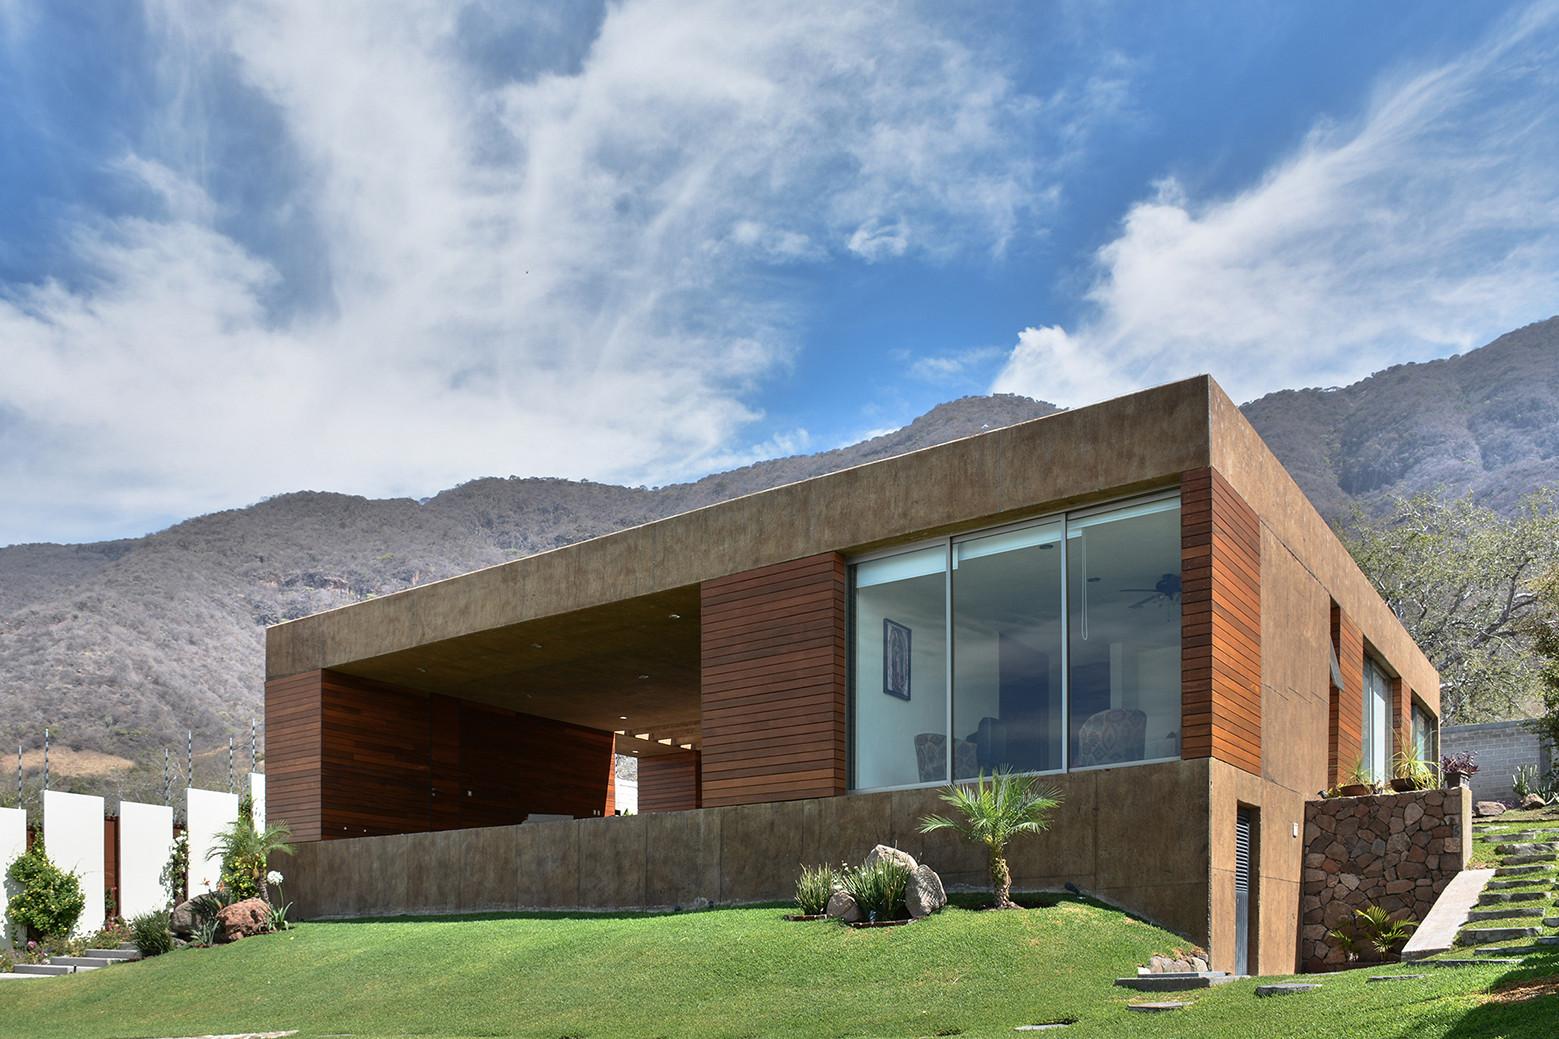 Casa -Terraza en El Limón / Villar Watty Arquitectos